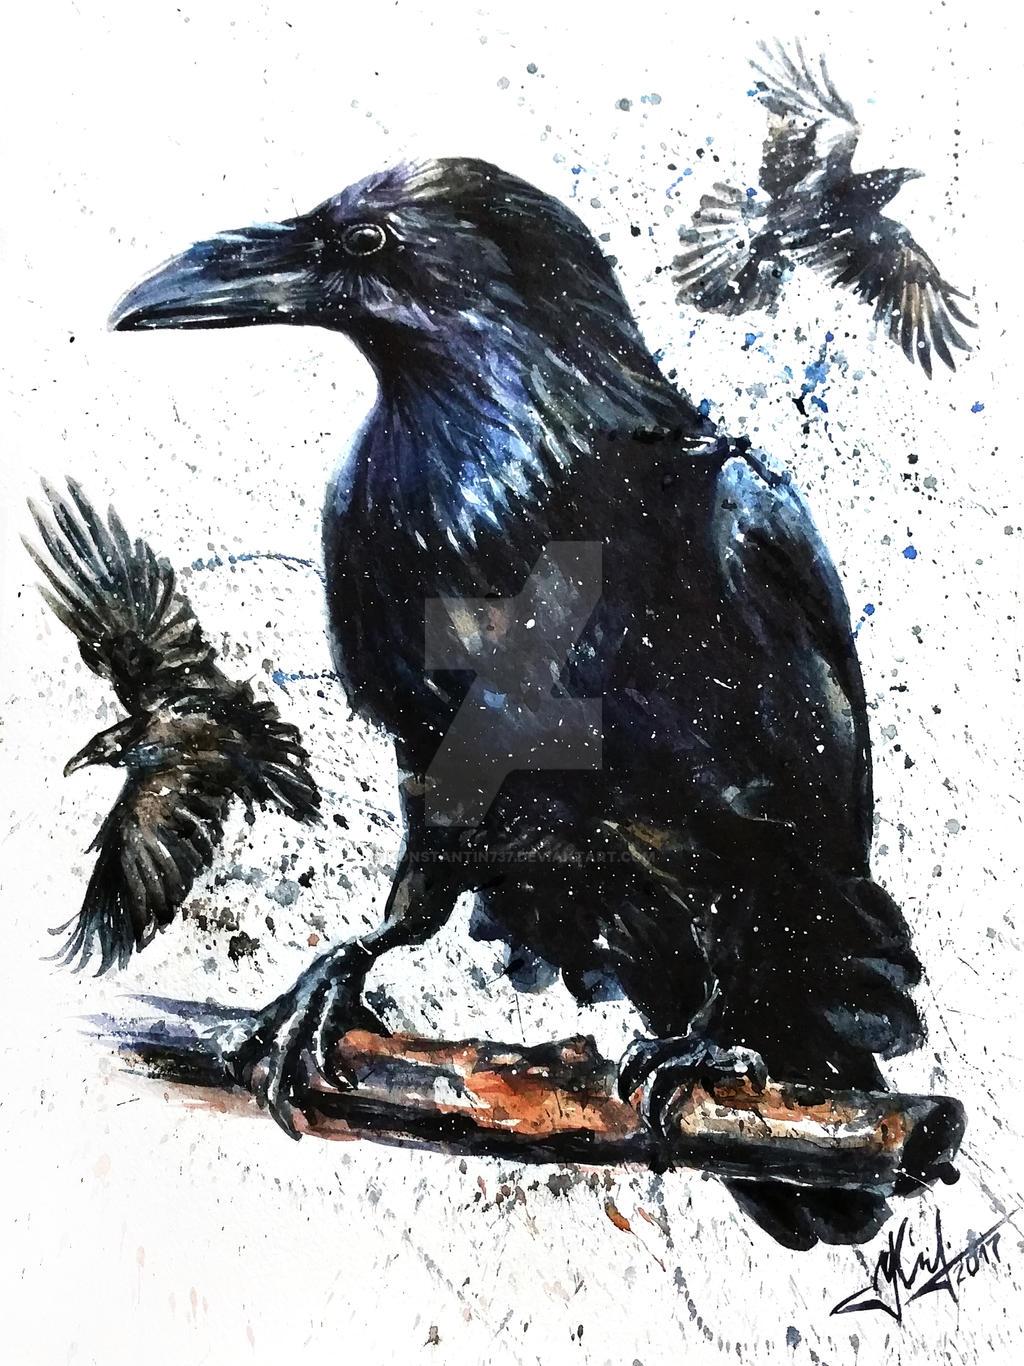 Raven by KONSTANTIN737